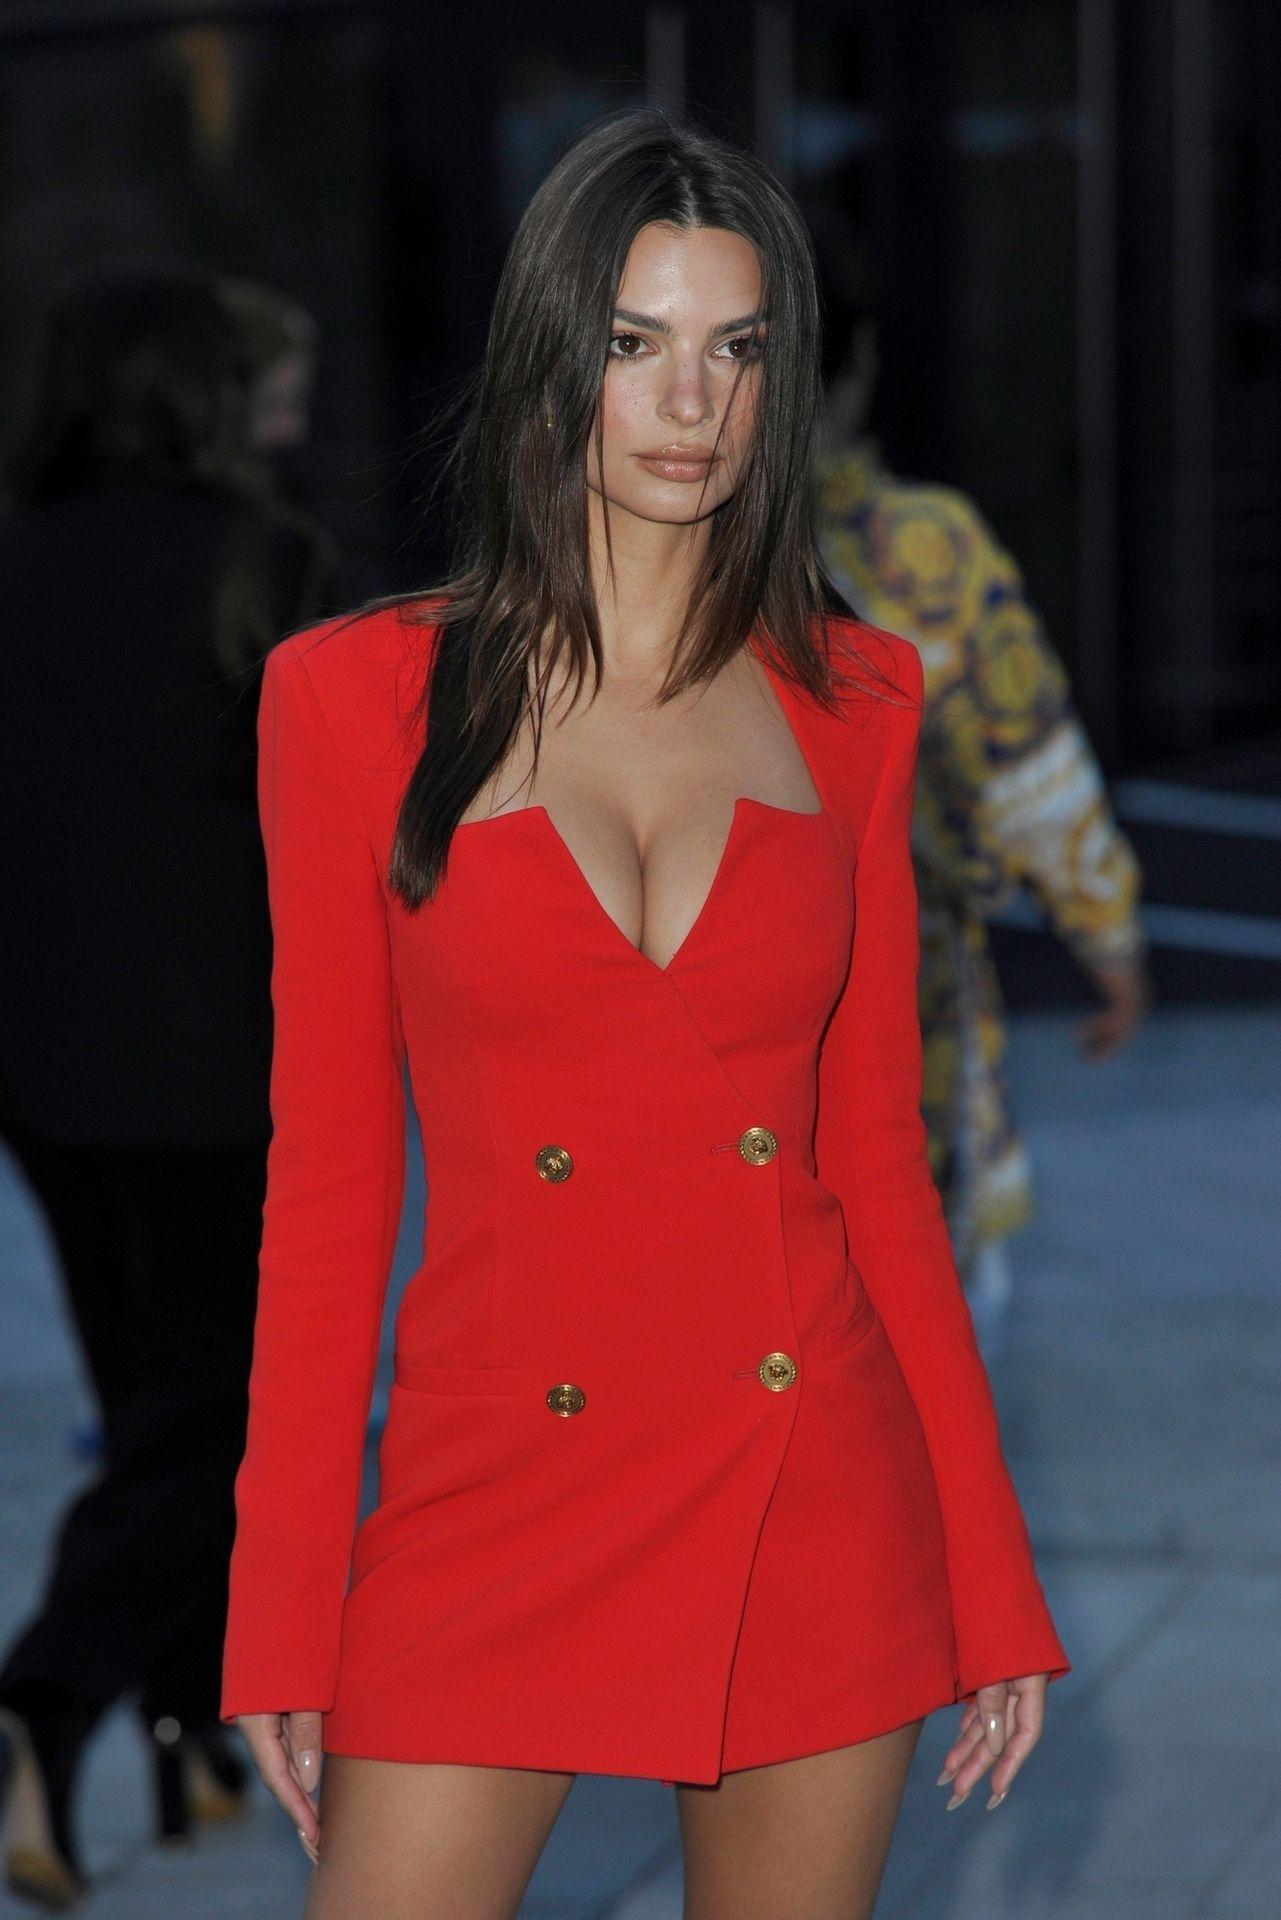 Emily Ratajkowski Stuns At The Versace Fashion Show During Milan Fashion Week 0065